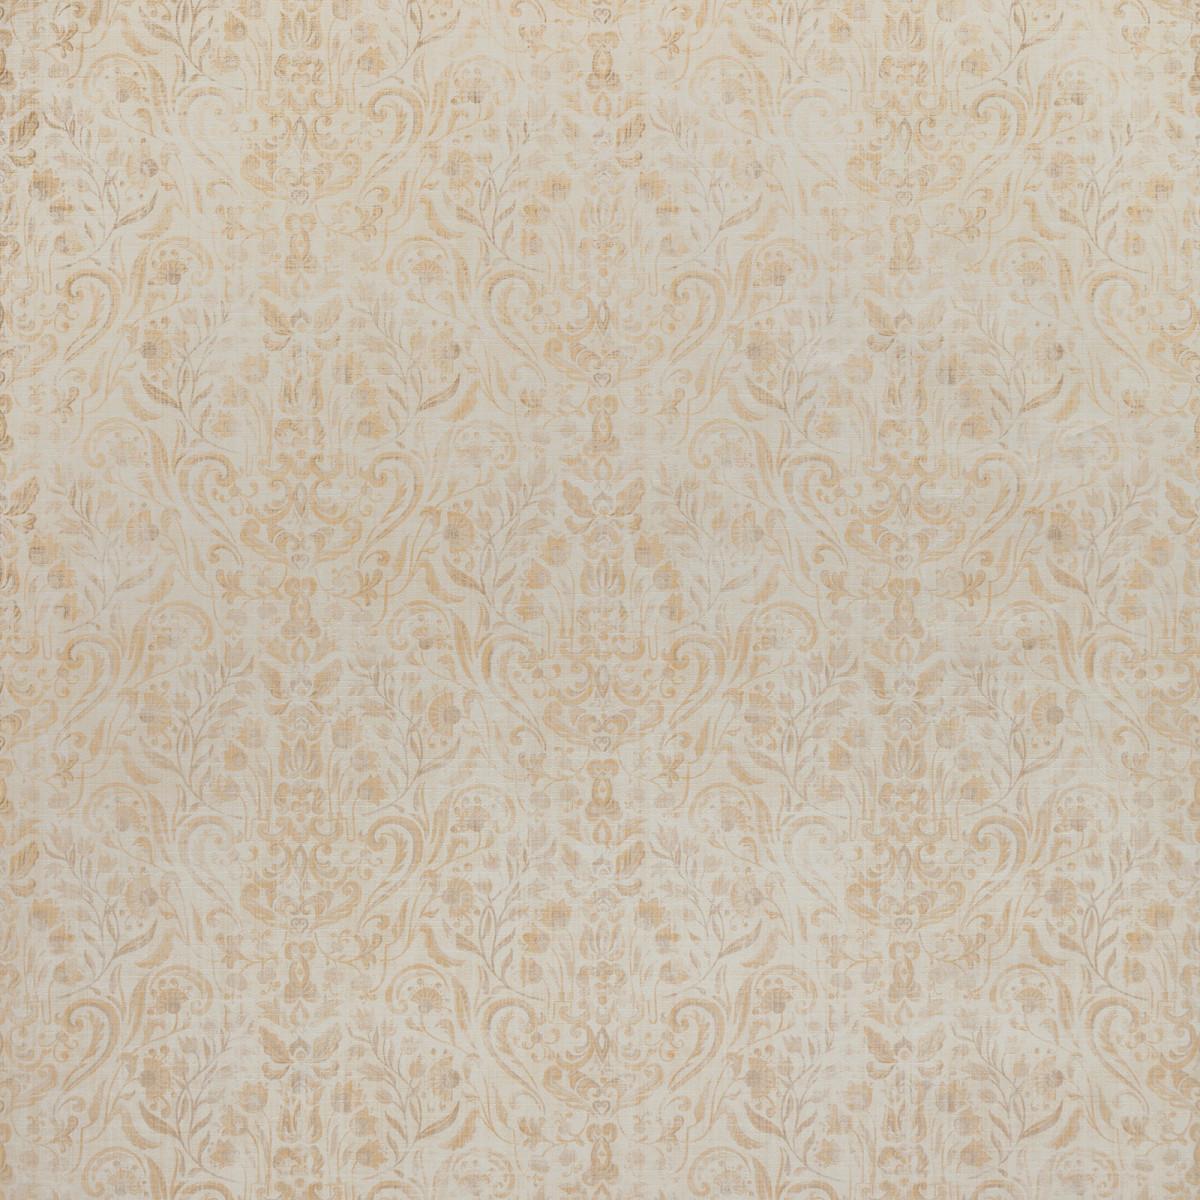 Обои флизелиновые Collection for walls Nils 8032 желтые 1.06 м